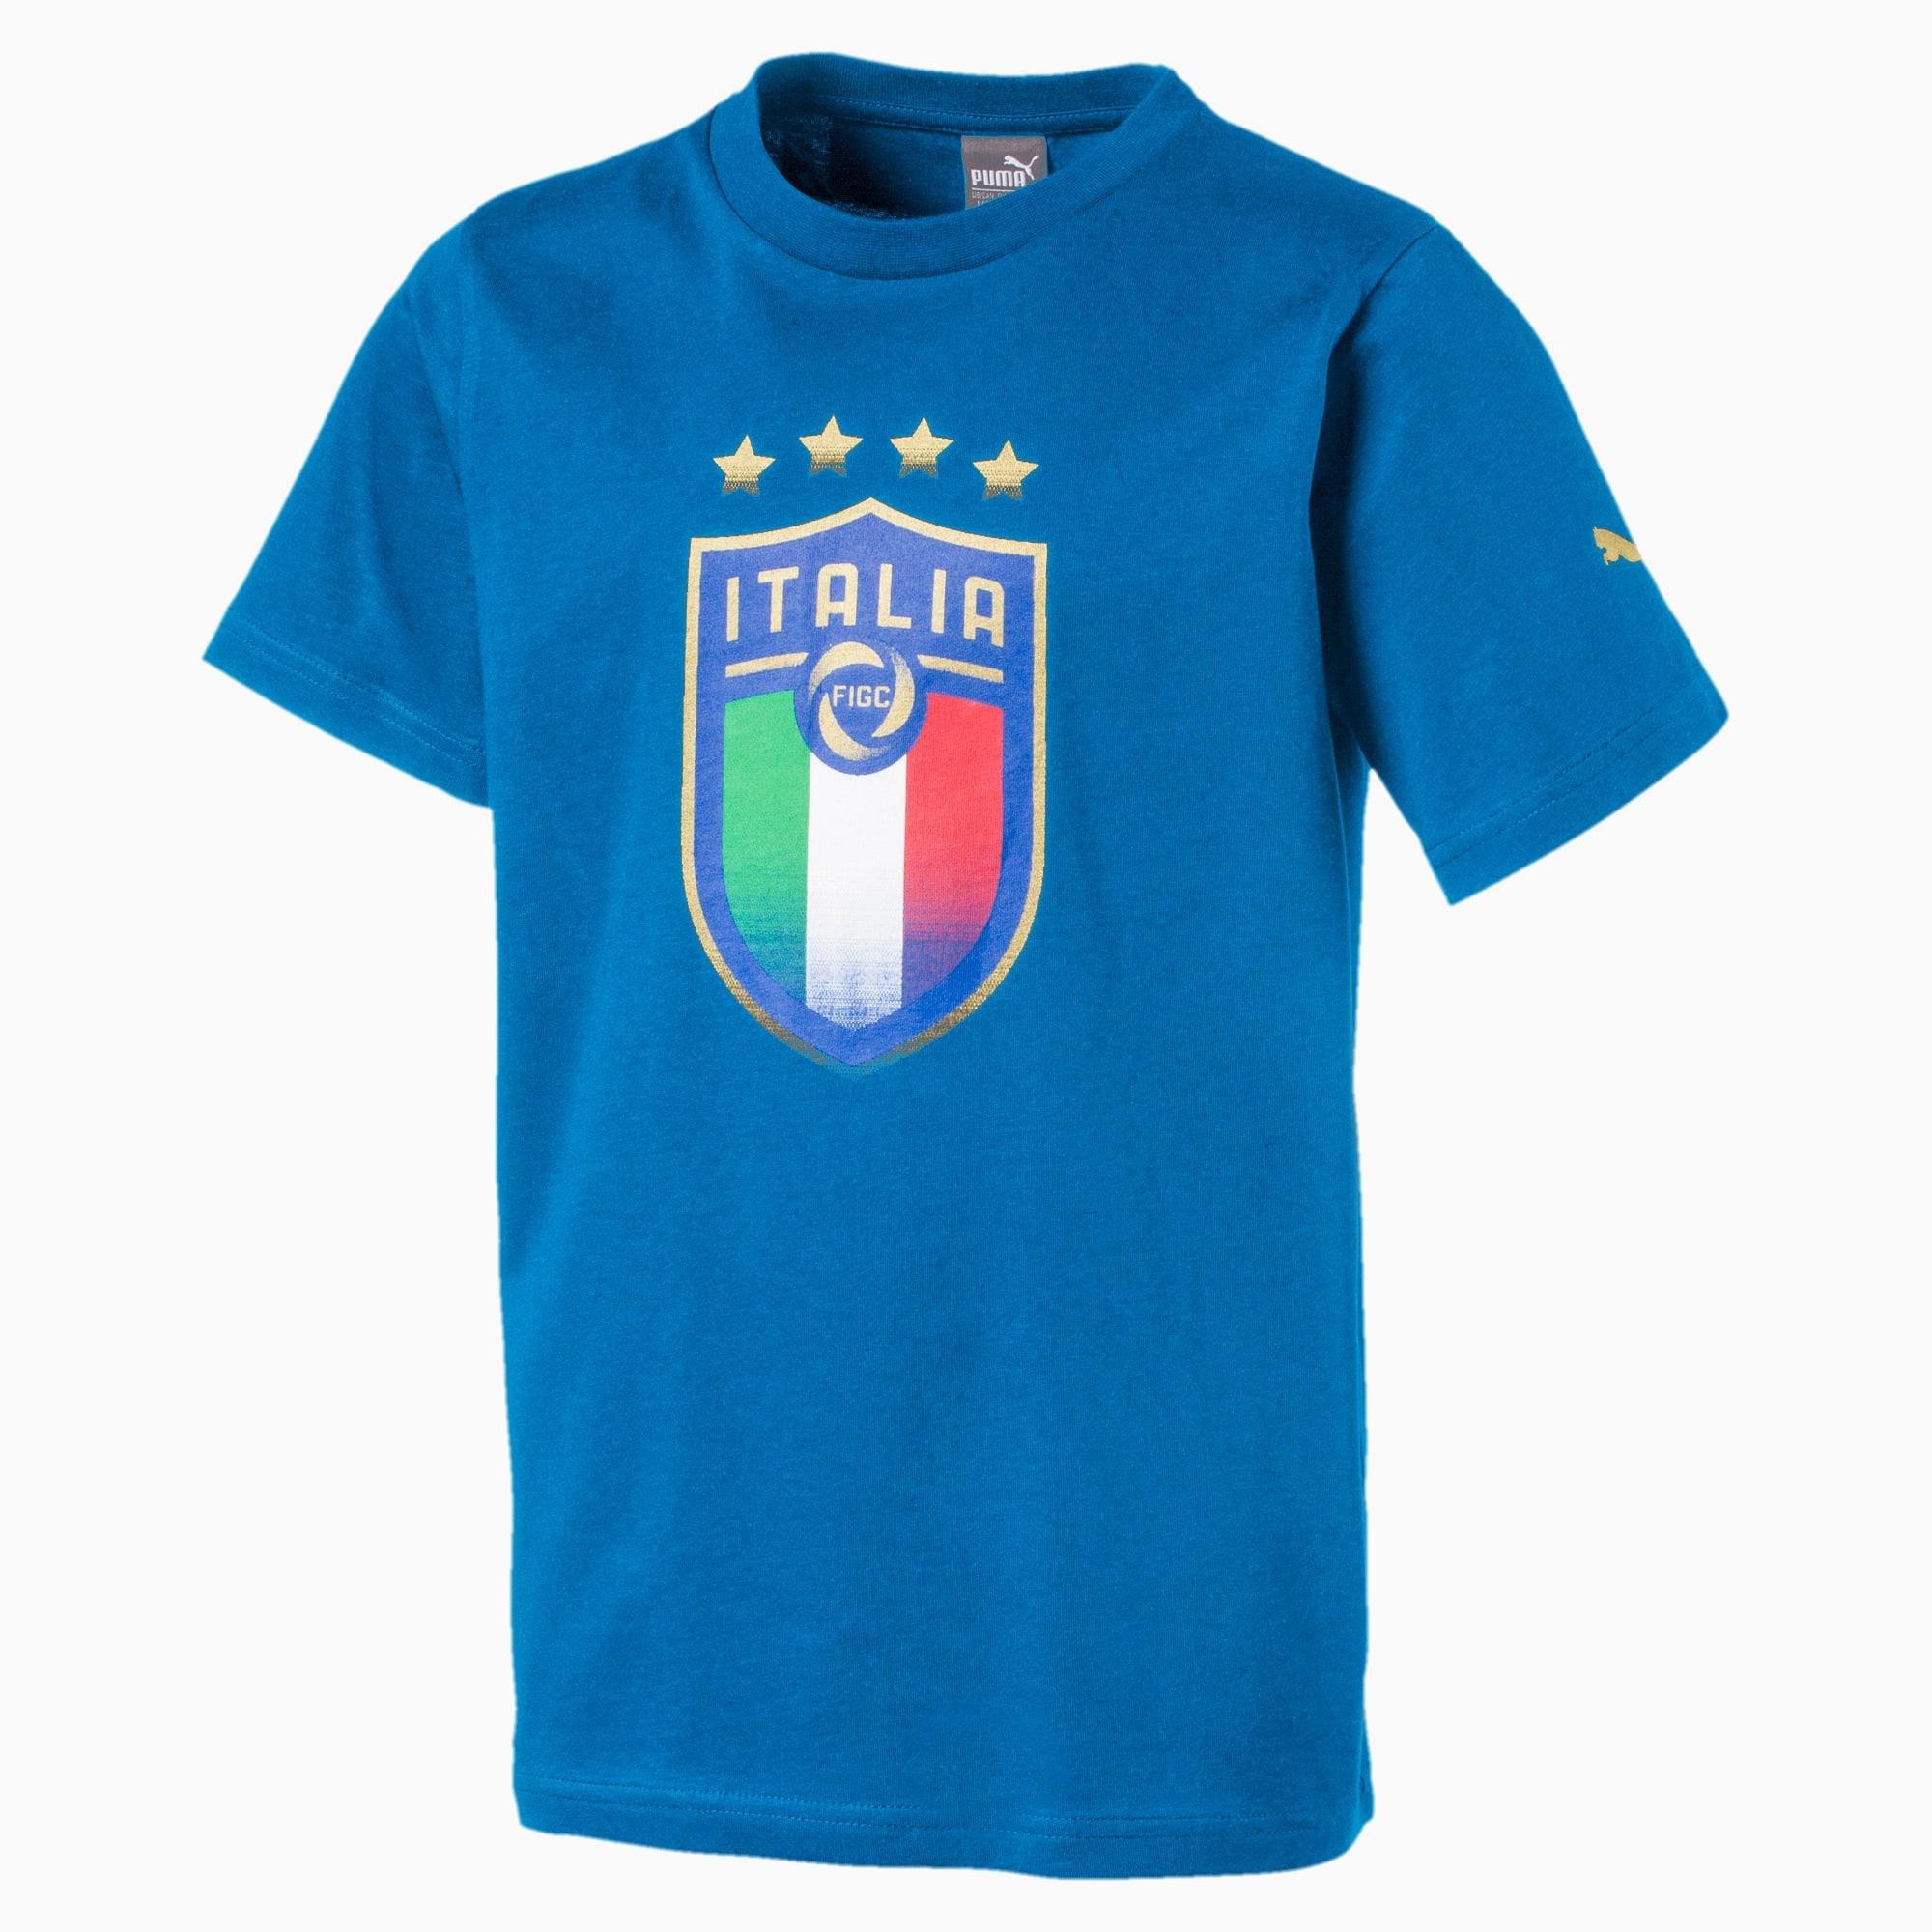 t-shirt italia avec emblème pour enfant pour homme, bleu, taille 164, vêtements